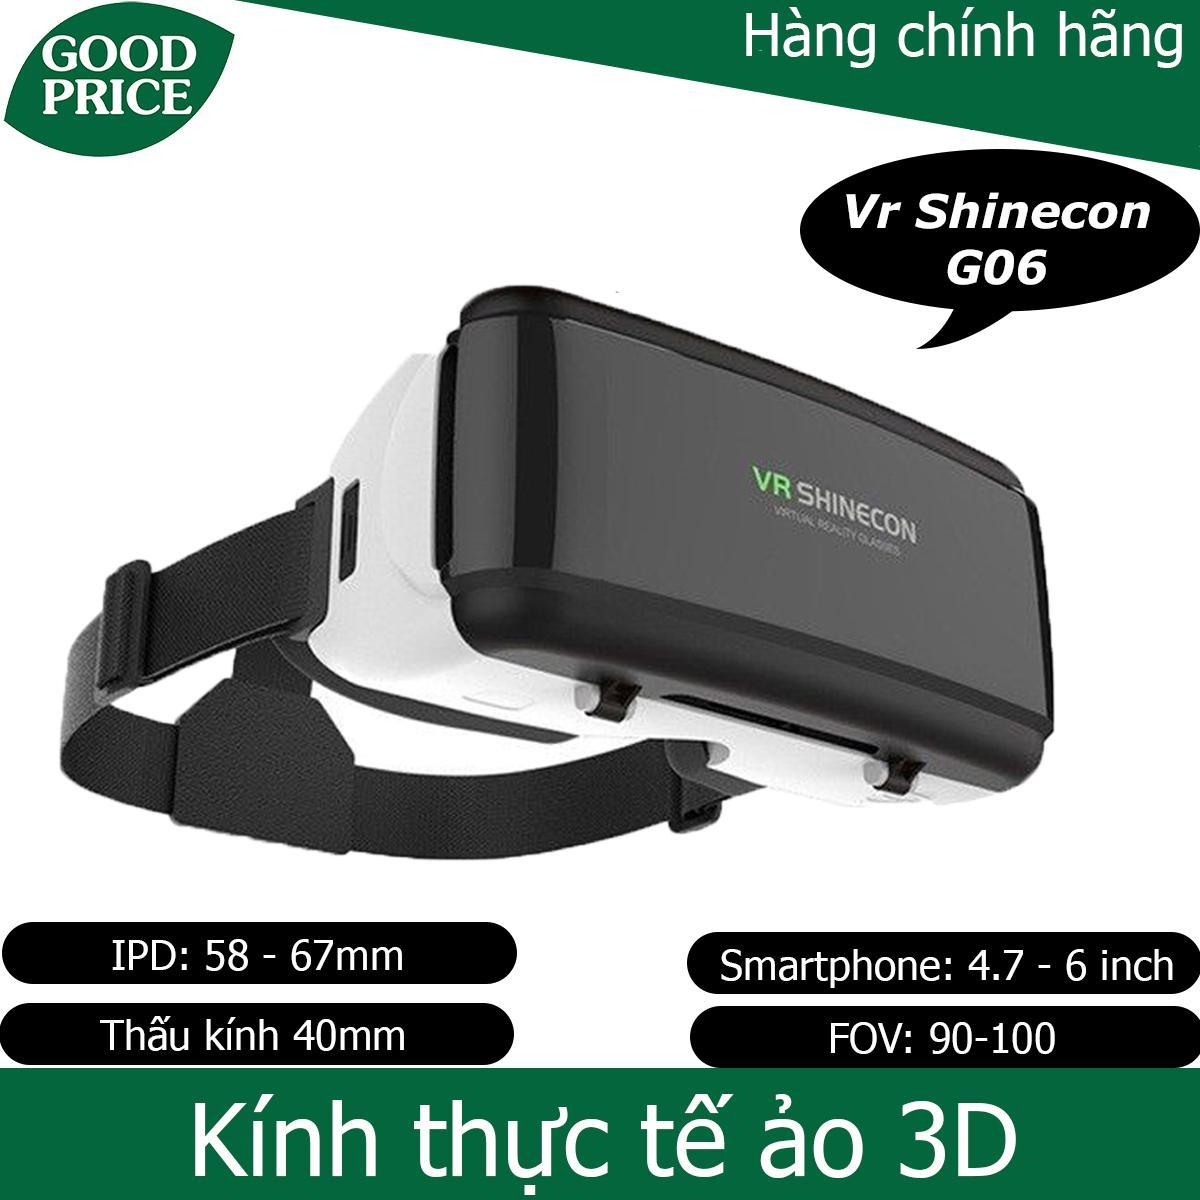 Kính thực tế ảo 3D Vr Shinecon G06